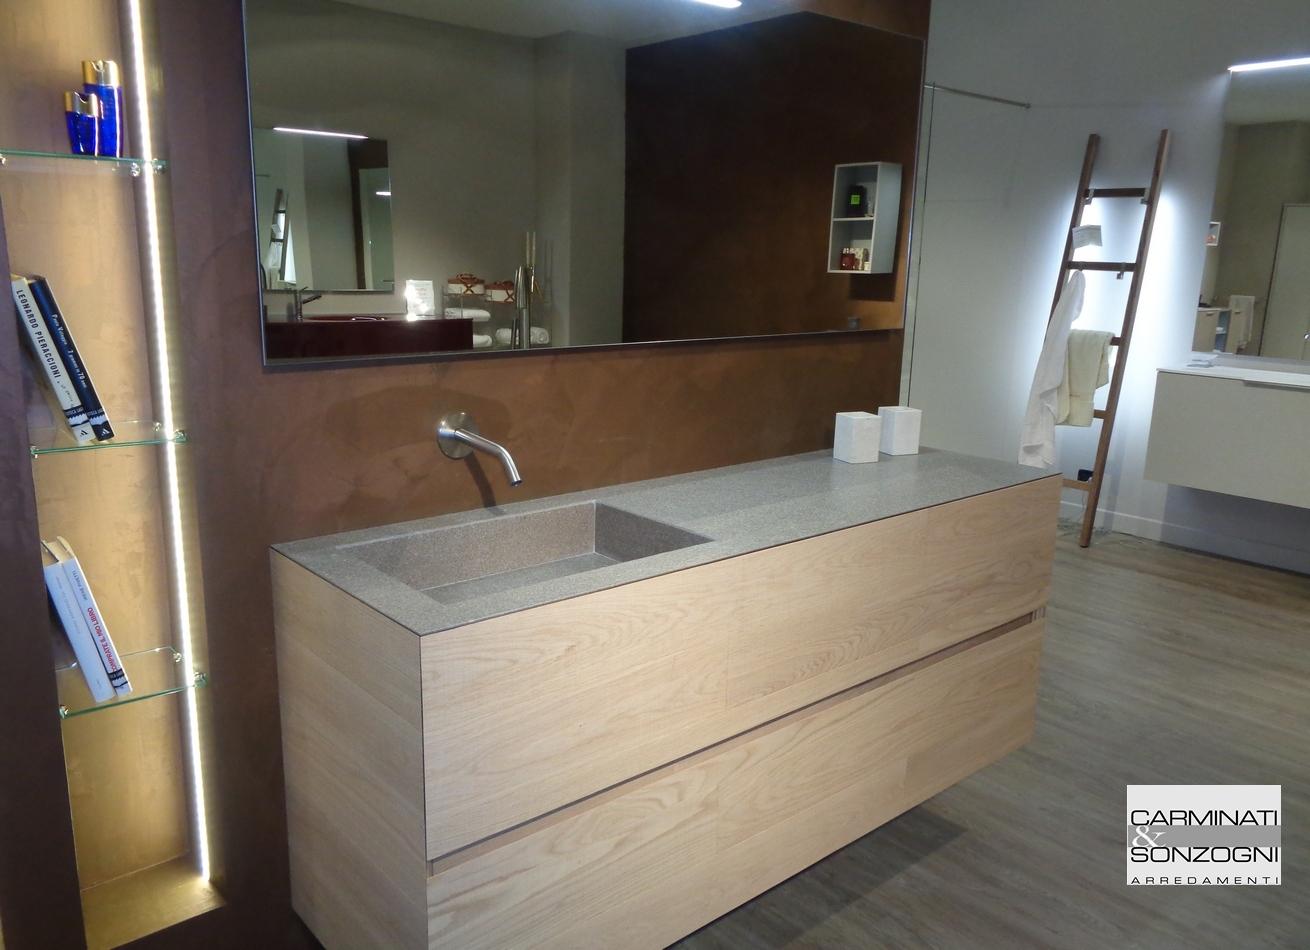 In cerca di idee e mobili da bagno diversi dal solito carminati e sonzogni arredamenti - Idee mobili bagno ...